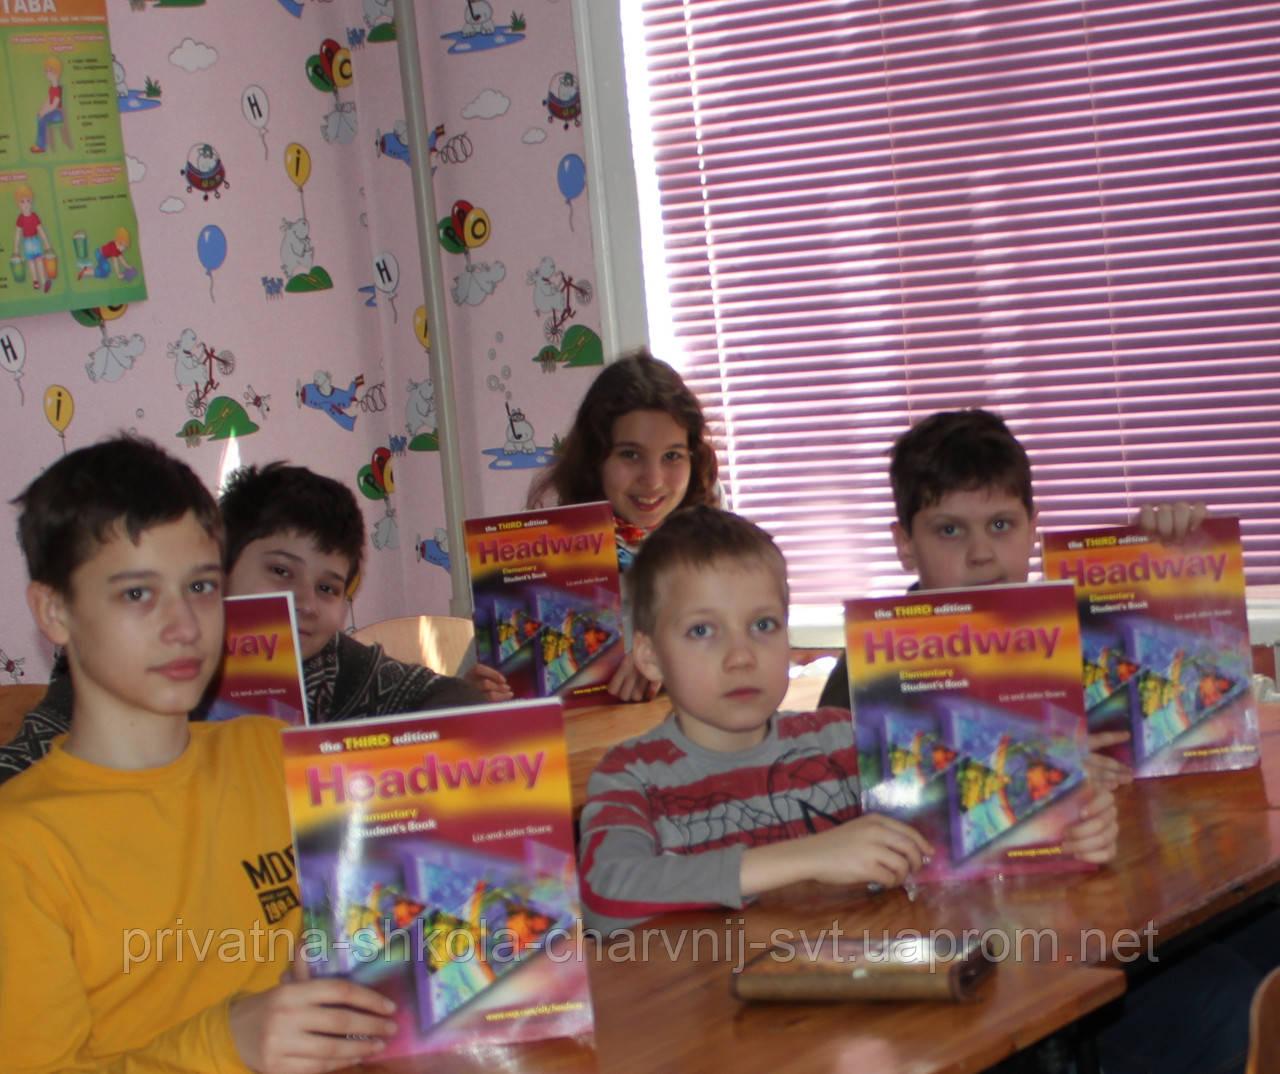 Зимова навчально-розважальна програма для школярів під час канікул. - Приватна школа «Чарівний світ» в Полтаве